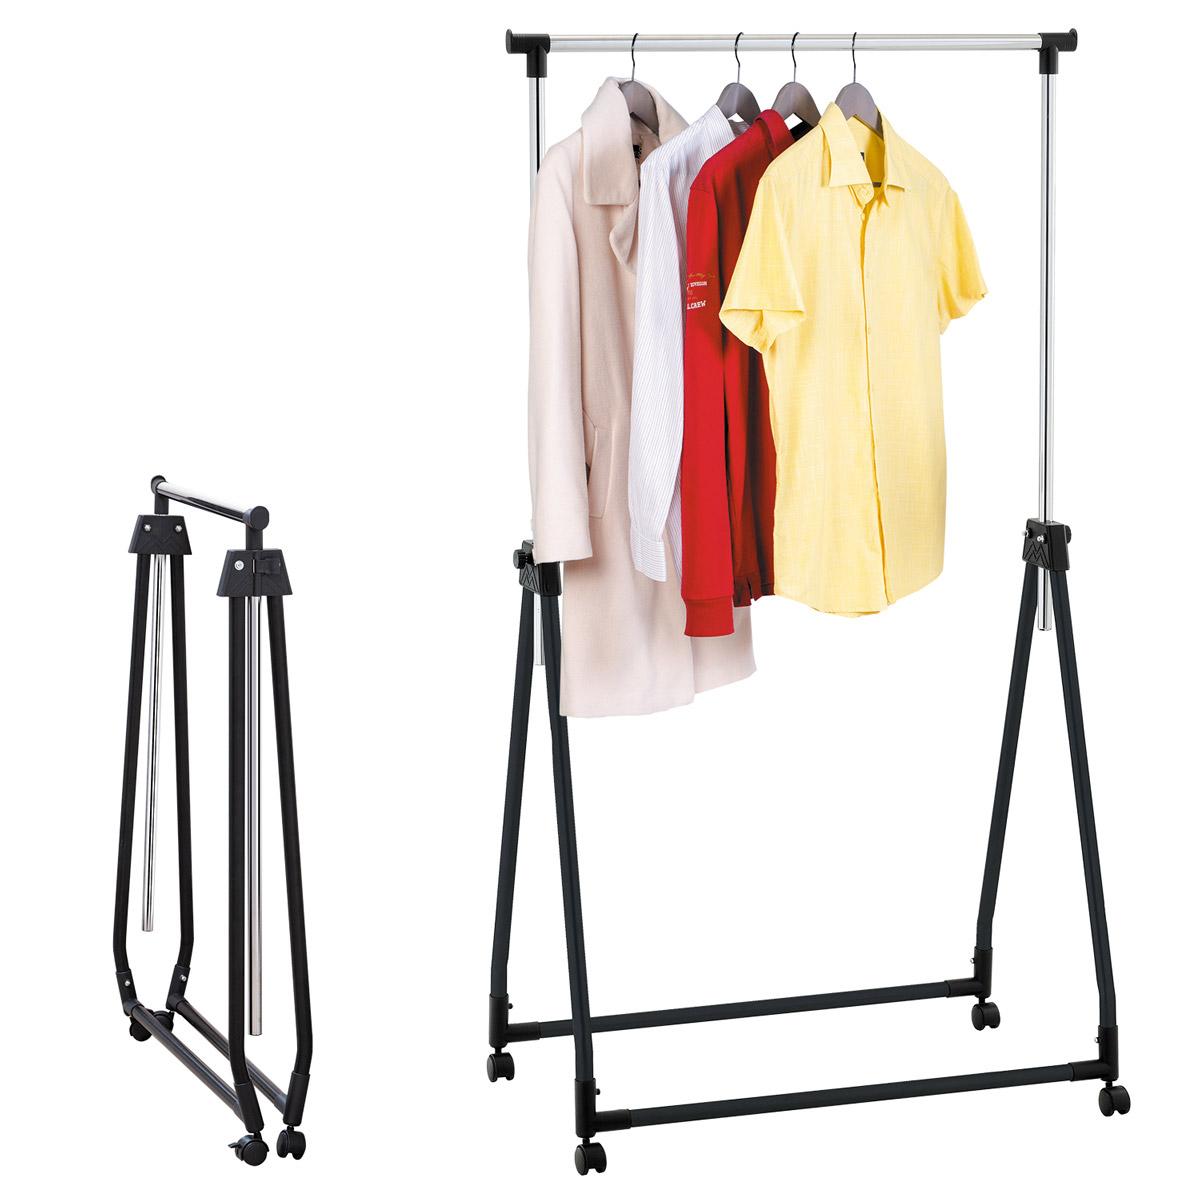 Стойка для одежды Tatkraft Halland, складная, высота 99 см - 167 см13247Стойка для одежды Tatkraft Halland изготовлена из хромированной стали. На такую стойку удобно вешать одежду, при этом стойка не займет много места. Высота регулируемая, от 99 см до 167 см. Для удобного хранения и перемещения, стойка имеет складную конструкцию и 4 колесика. Практичная и стильная стойка займет достойное место в вашем доме. Размер стойки в сложенном виде: 89 см х 11 х 99 см. Размер в разложенном виде: 89 см х 49 см х 99-167 см.